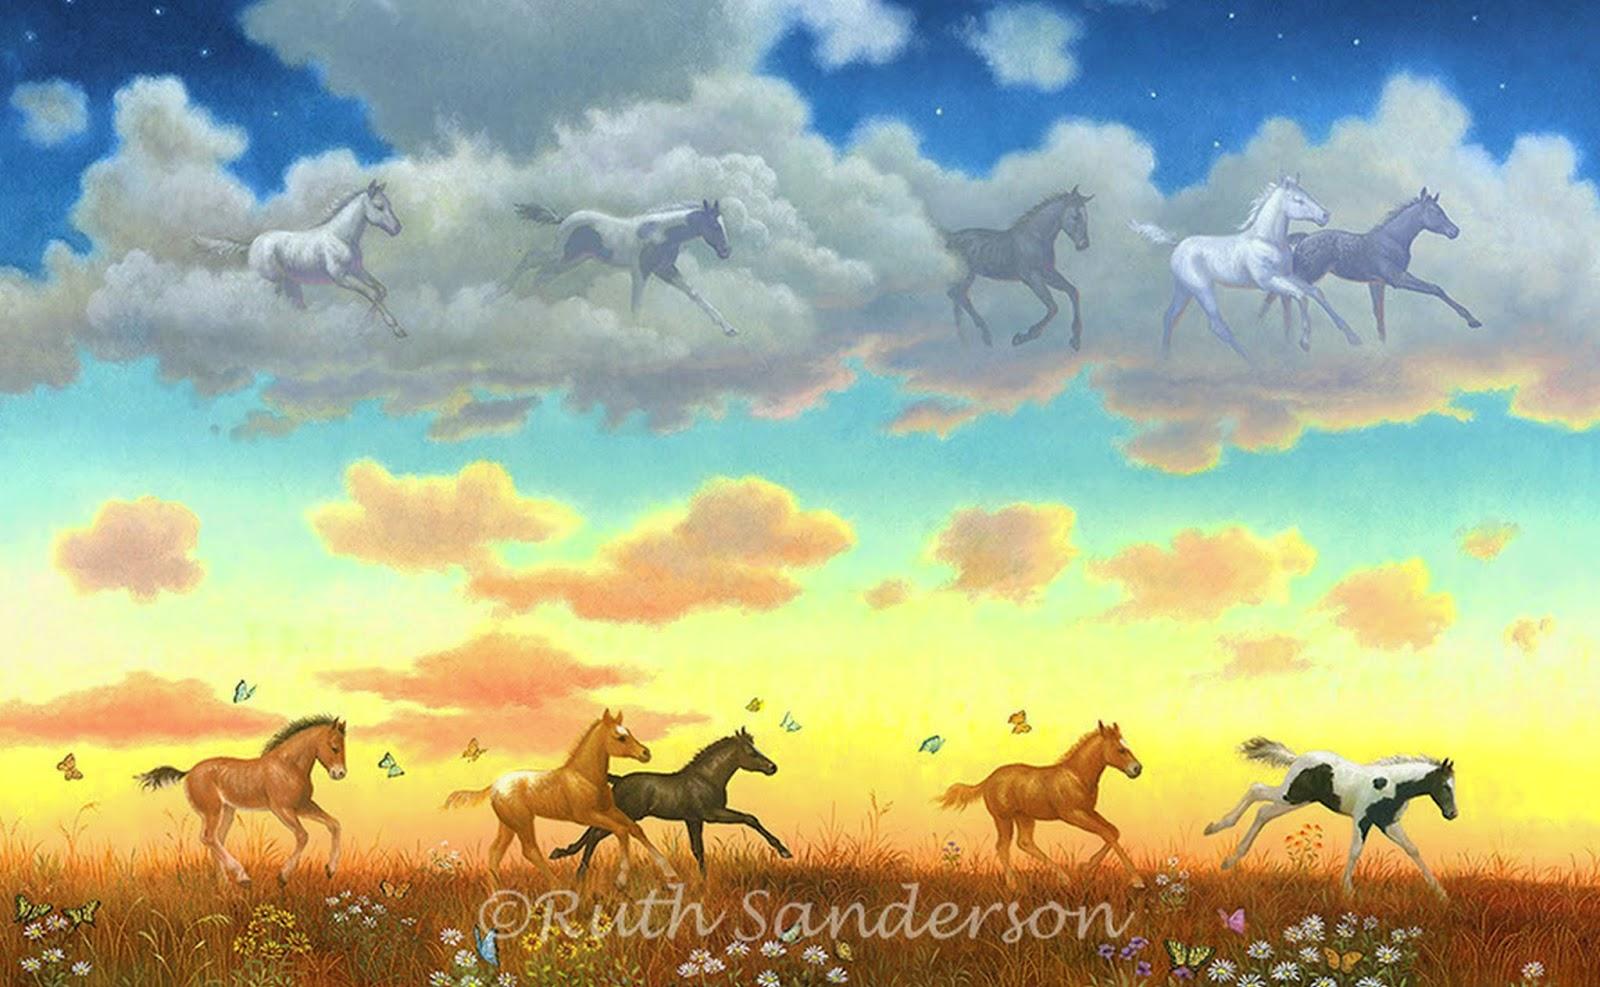 imagenes-caballos-paisajes-del-oeste